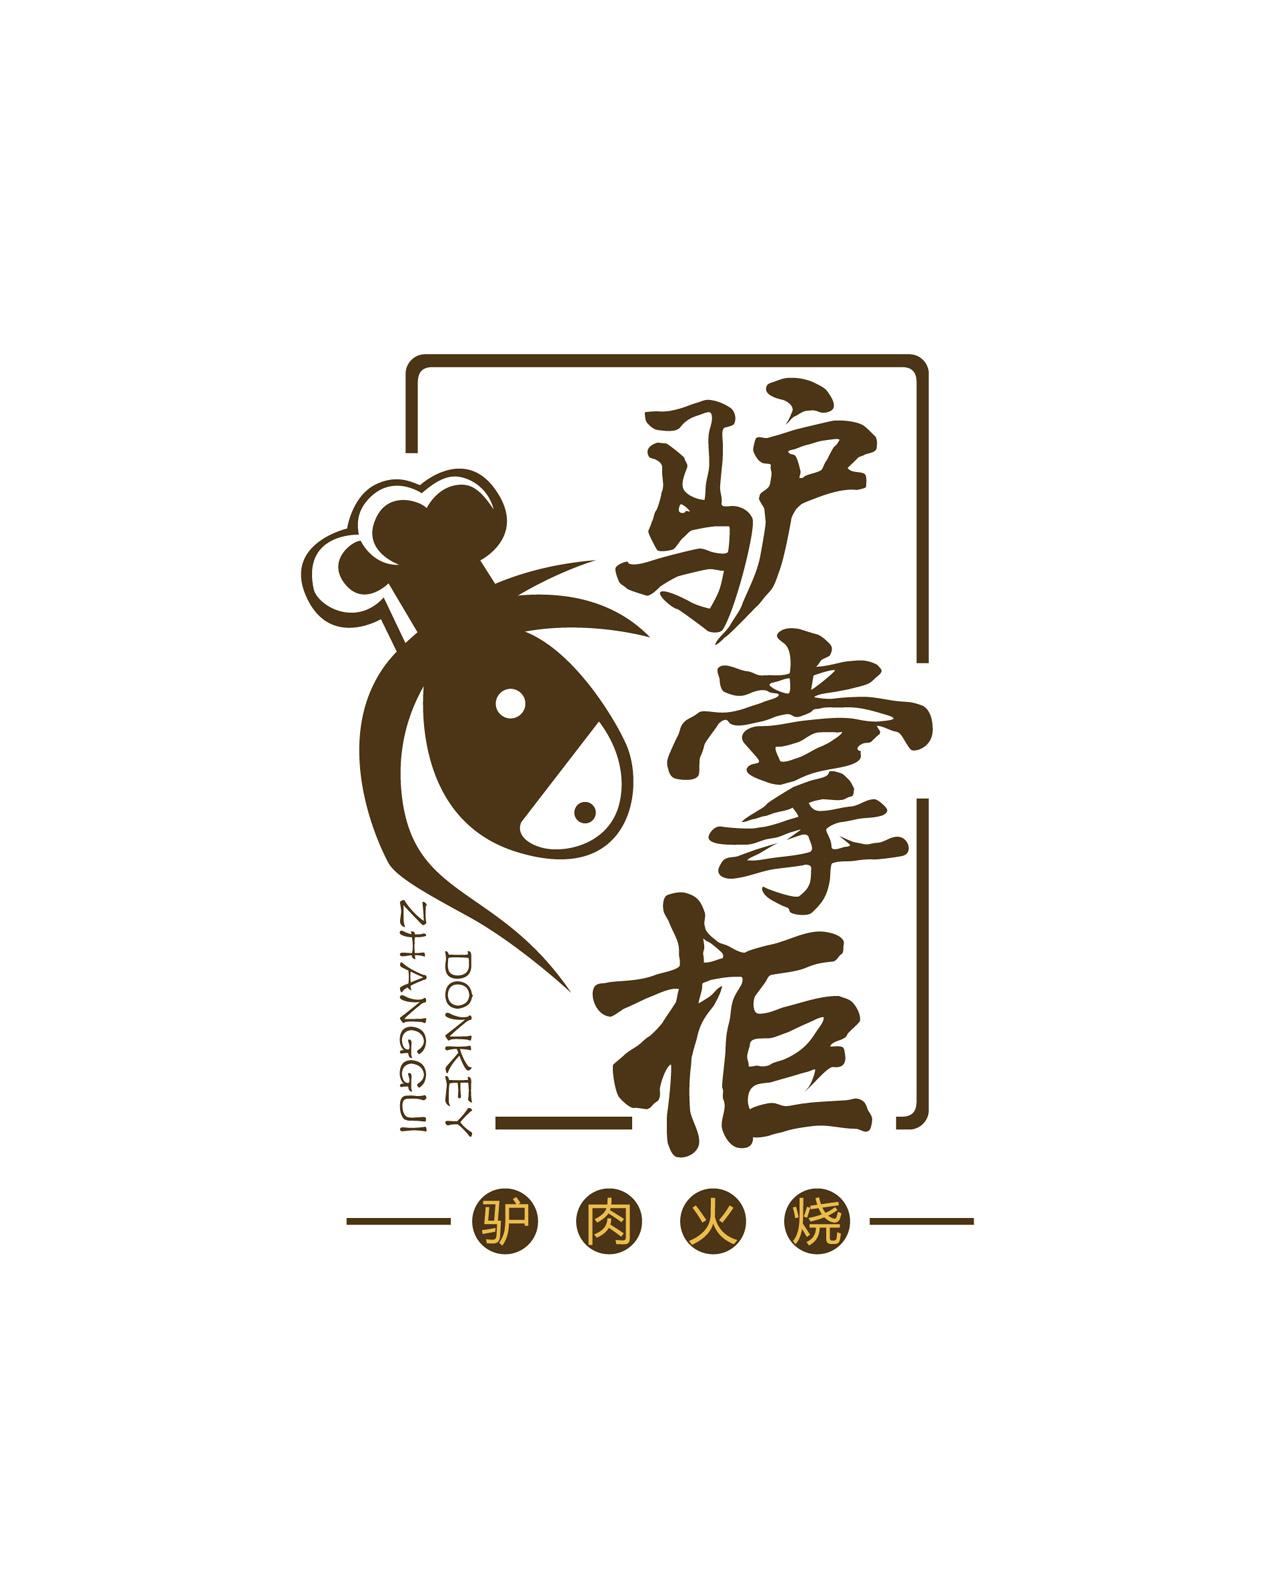 驴掌柜标志设计